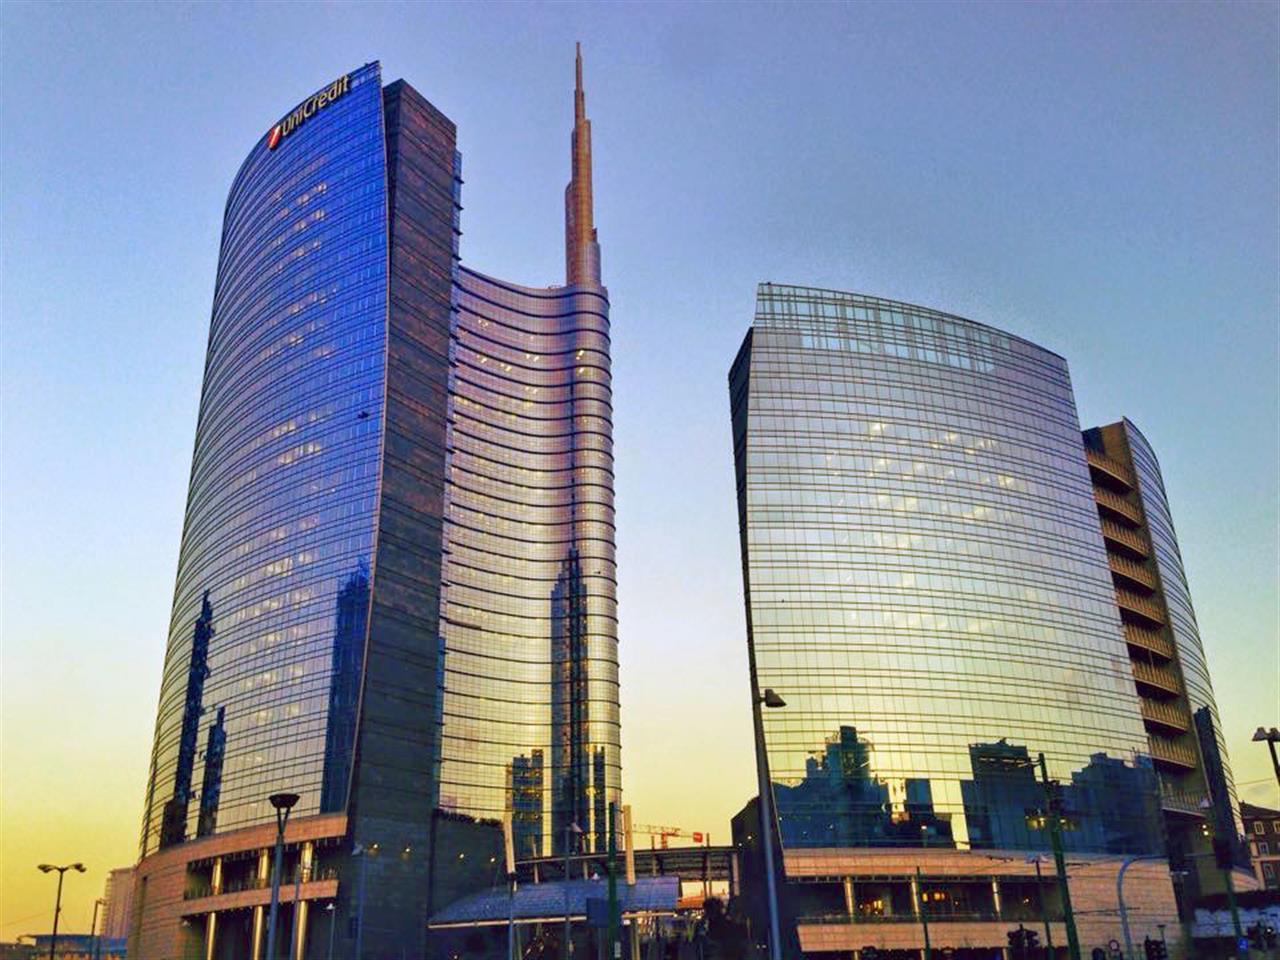 #UnicreditTower #PiazzaGaeAulenti  #Milano